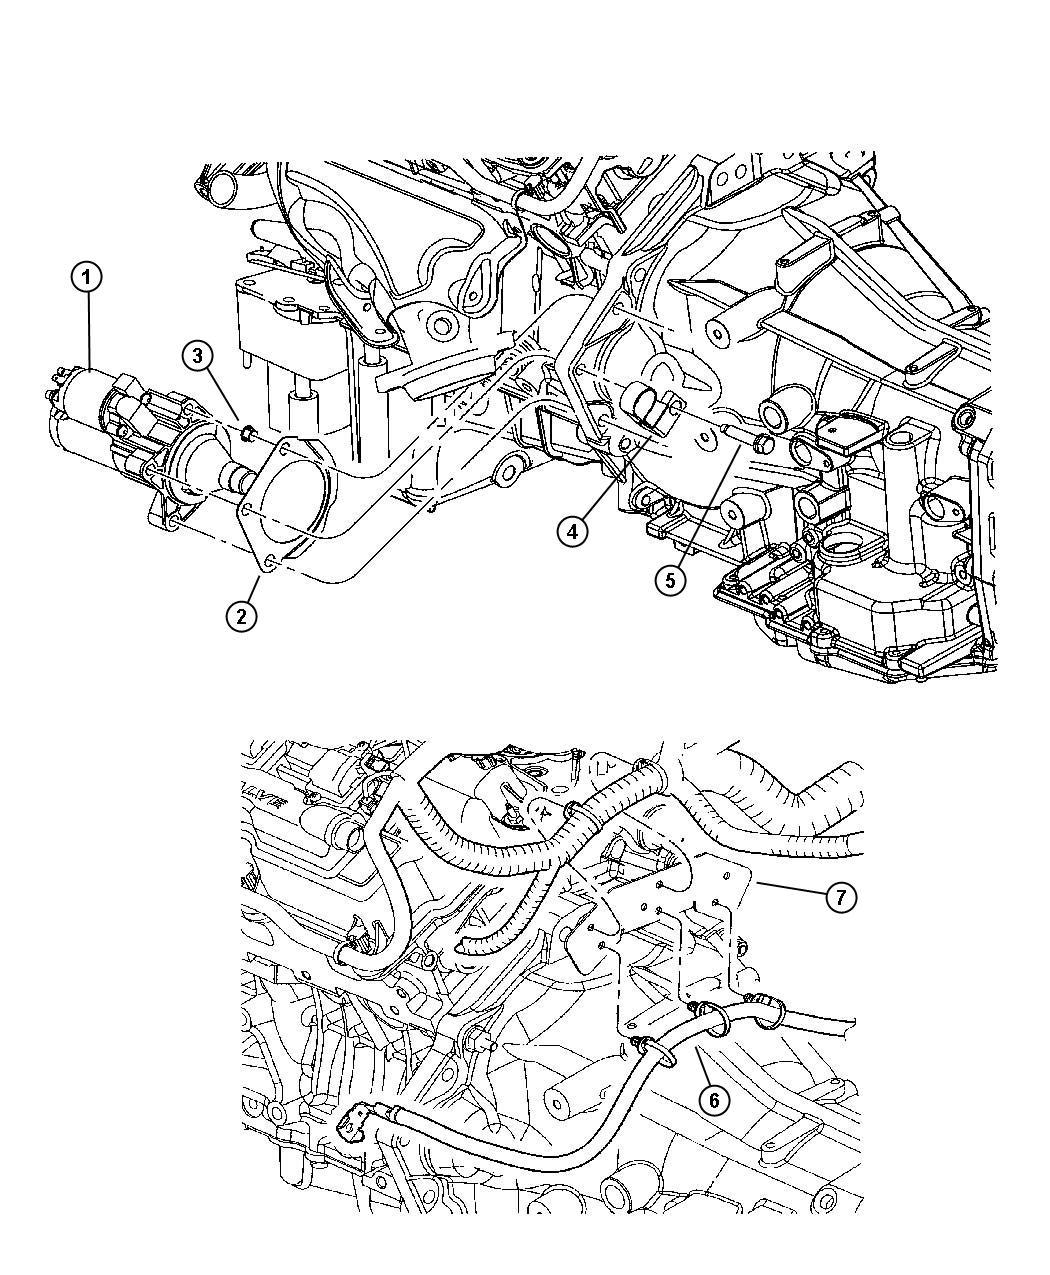 2008 Chrysler 300 Starter  Engine  After 06  26  2006  Up To